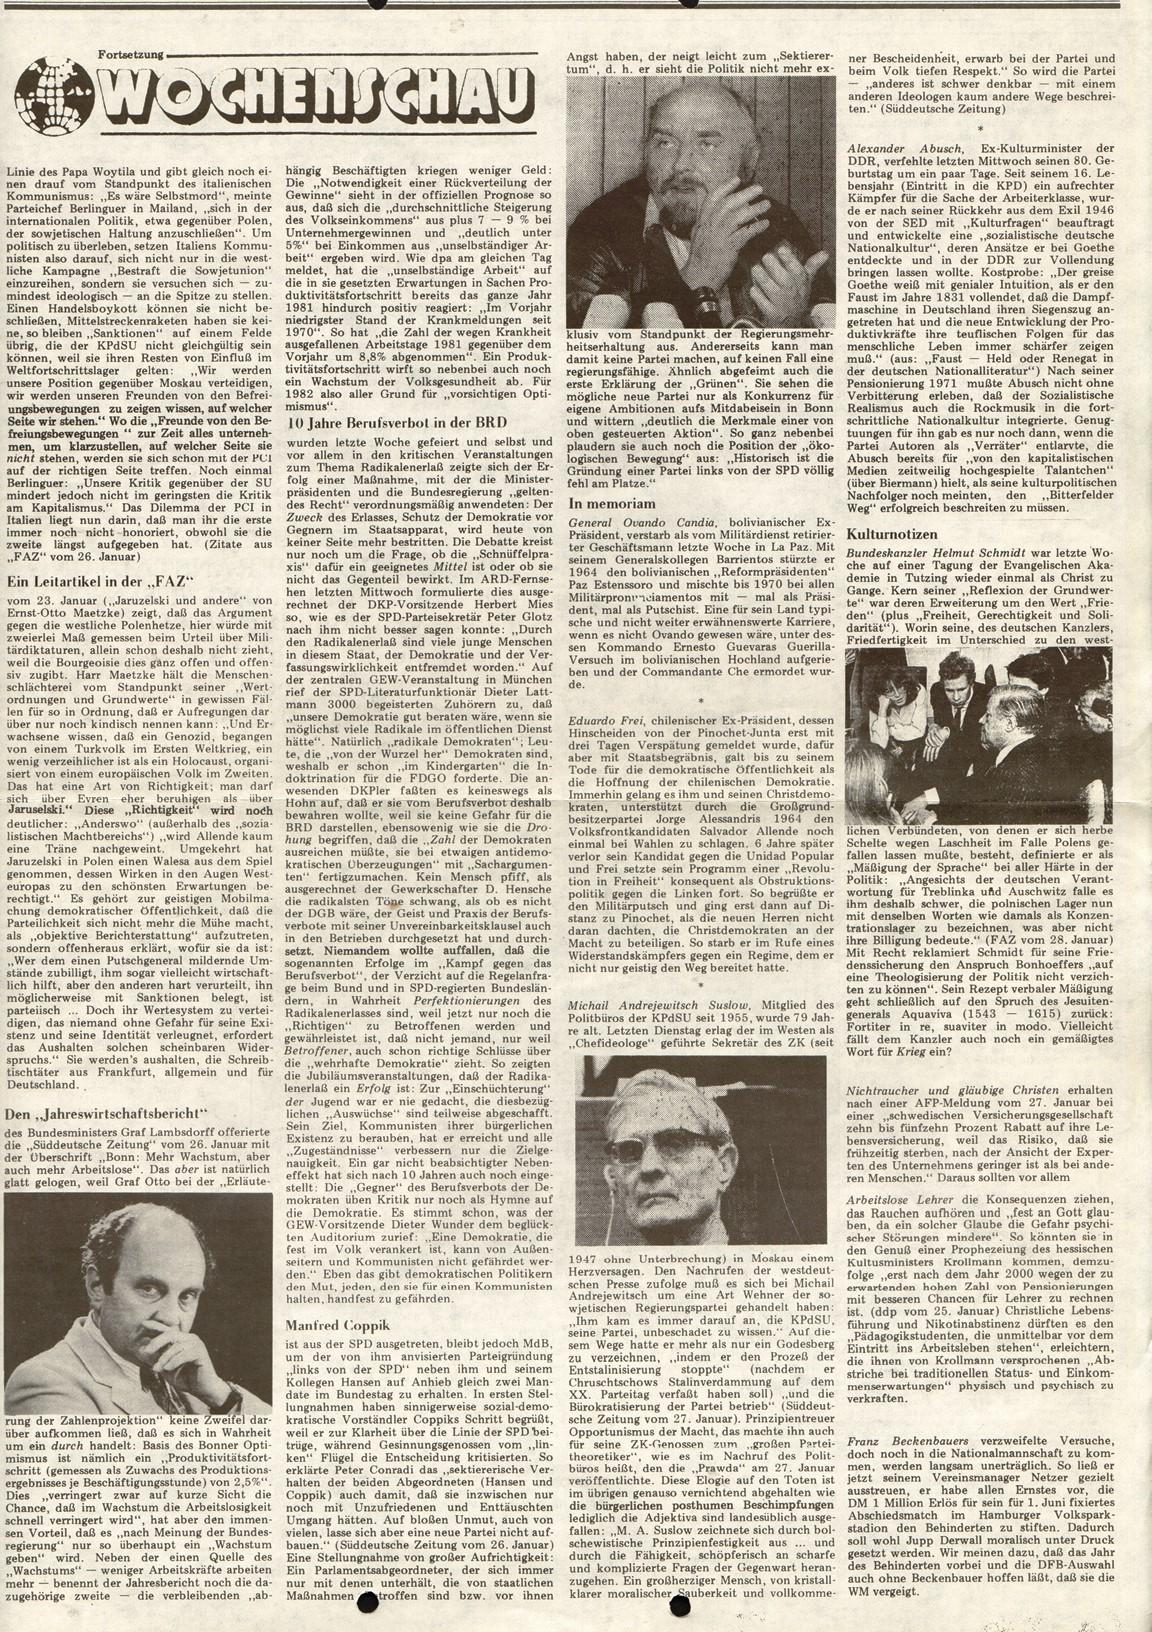 Berlin_MG_Hochschulzeitung_19820201_03